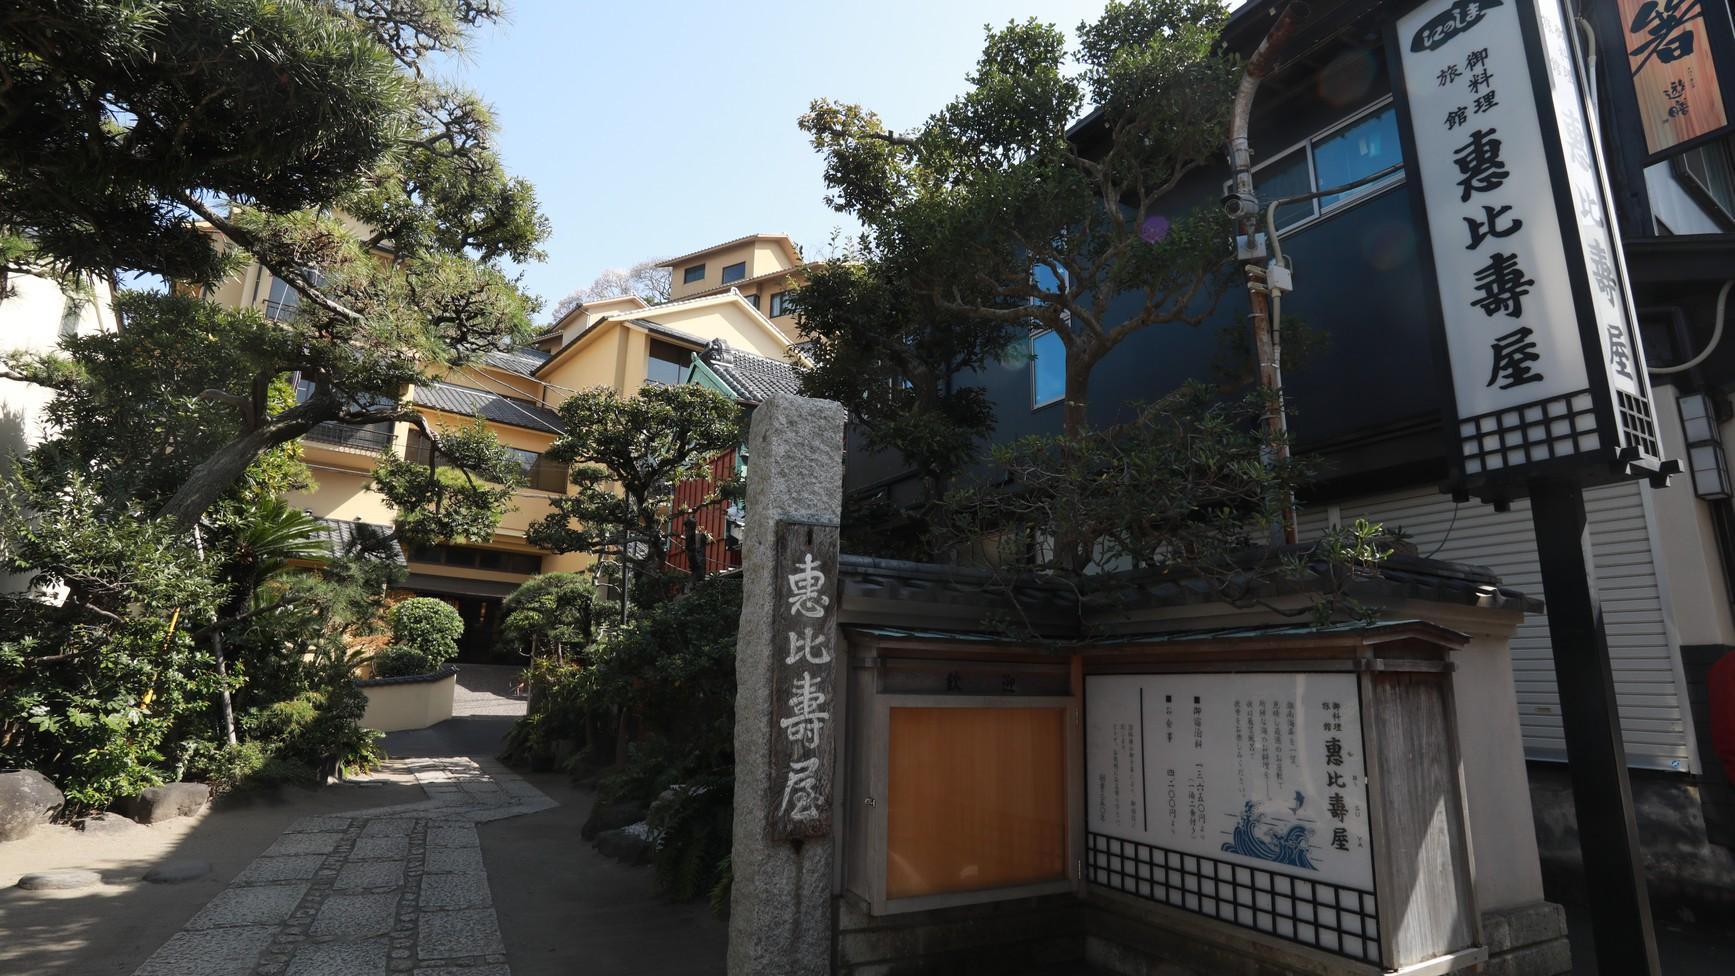 江ノ島観光に便利なオーシャンビューのおすすめホテルか旅館